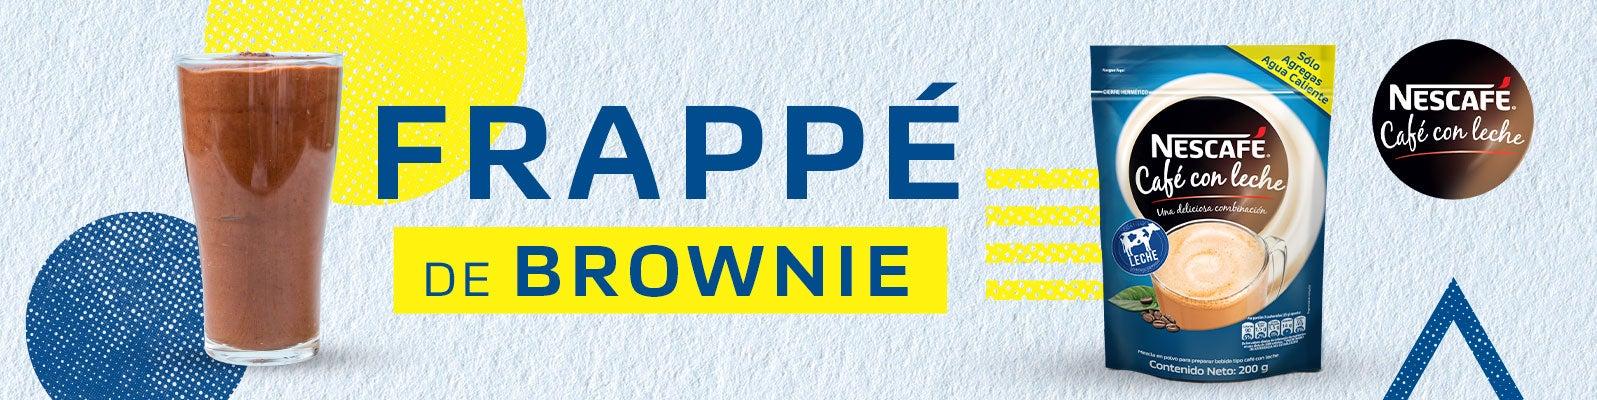 FRAPPÉ DE BROWNIE